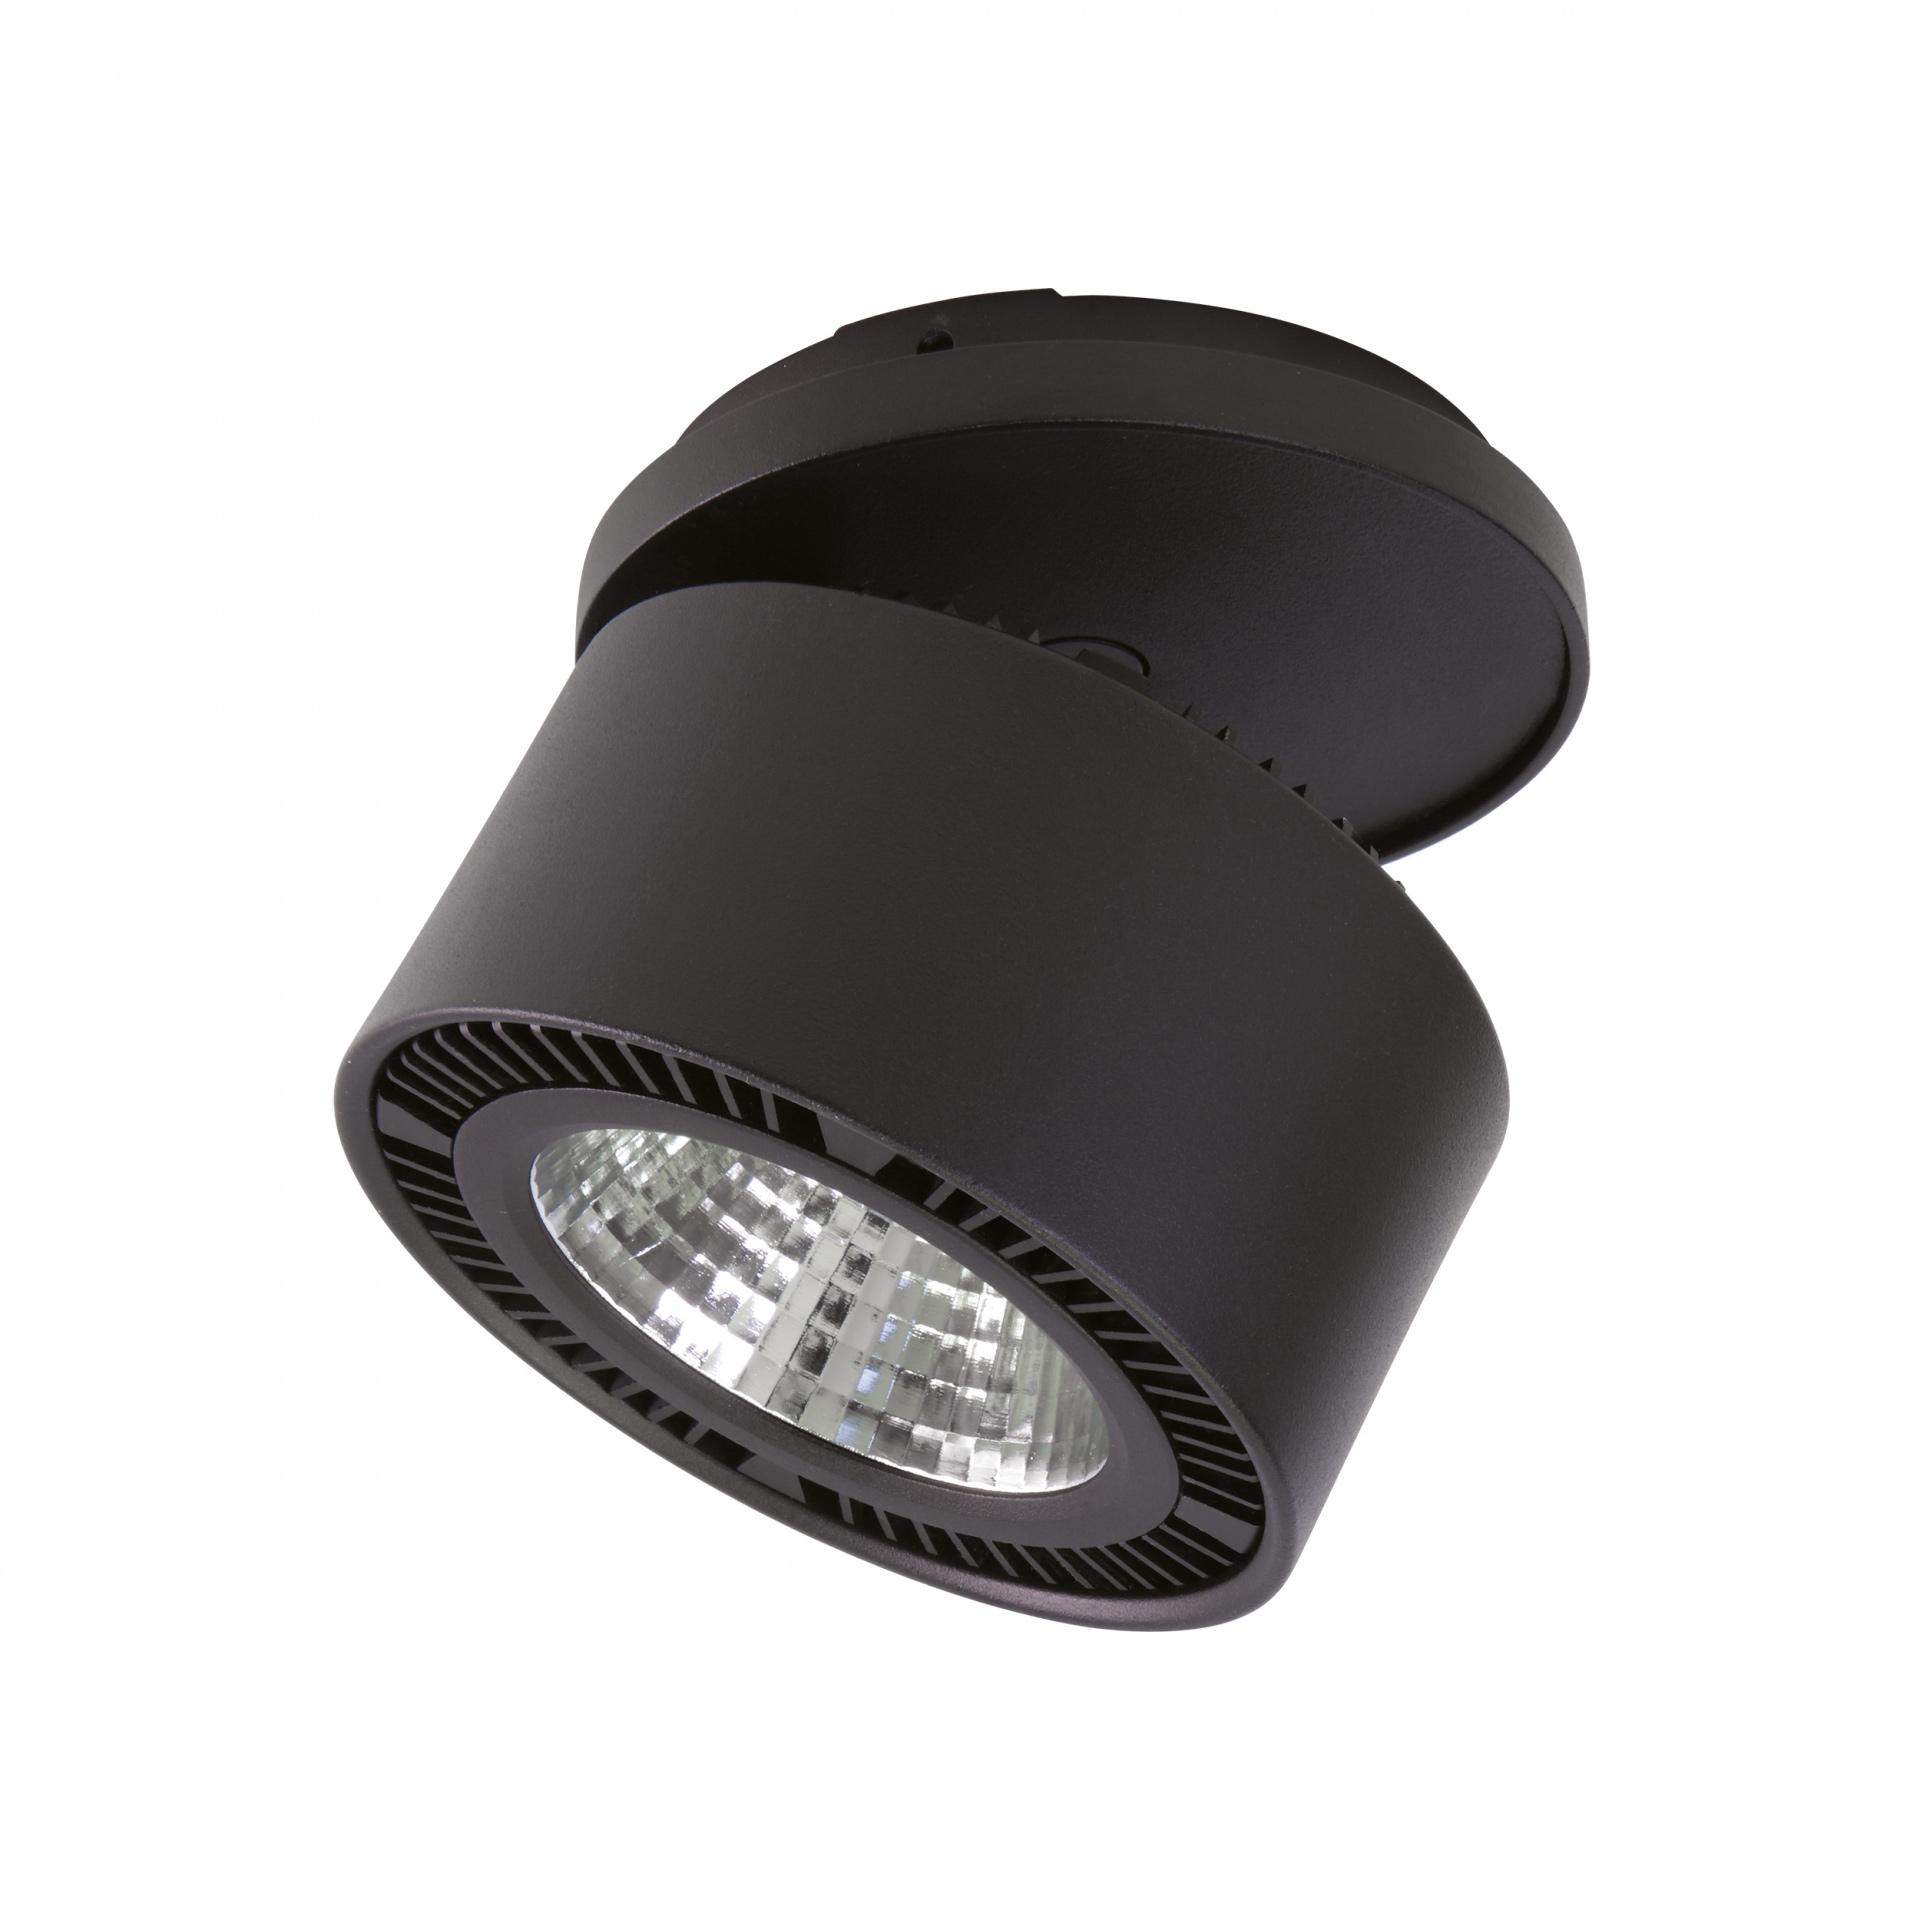 Светильник Forte inca LED 40W 3400LM 30G черный 4000K Lightstar 214847, купить в СПб, Москве, с доставкой, Санкт-Петербург, интернет-магазин люстр и светильников Starlight, фото в жизни